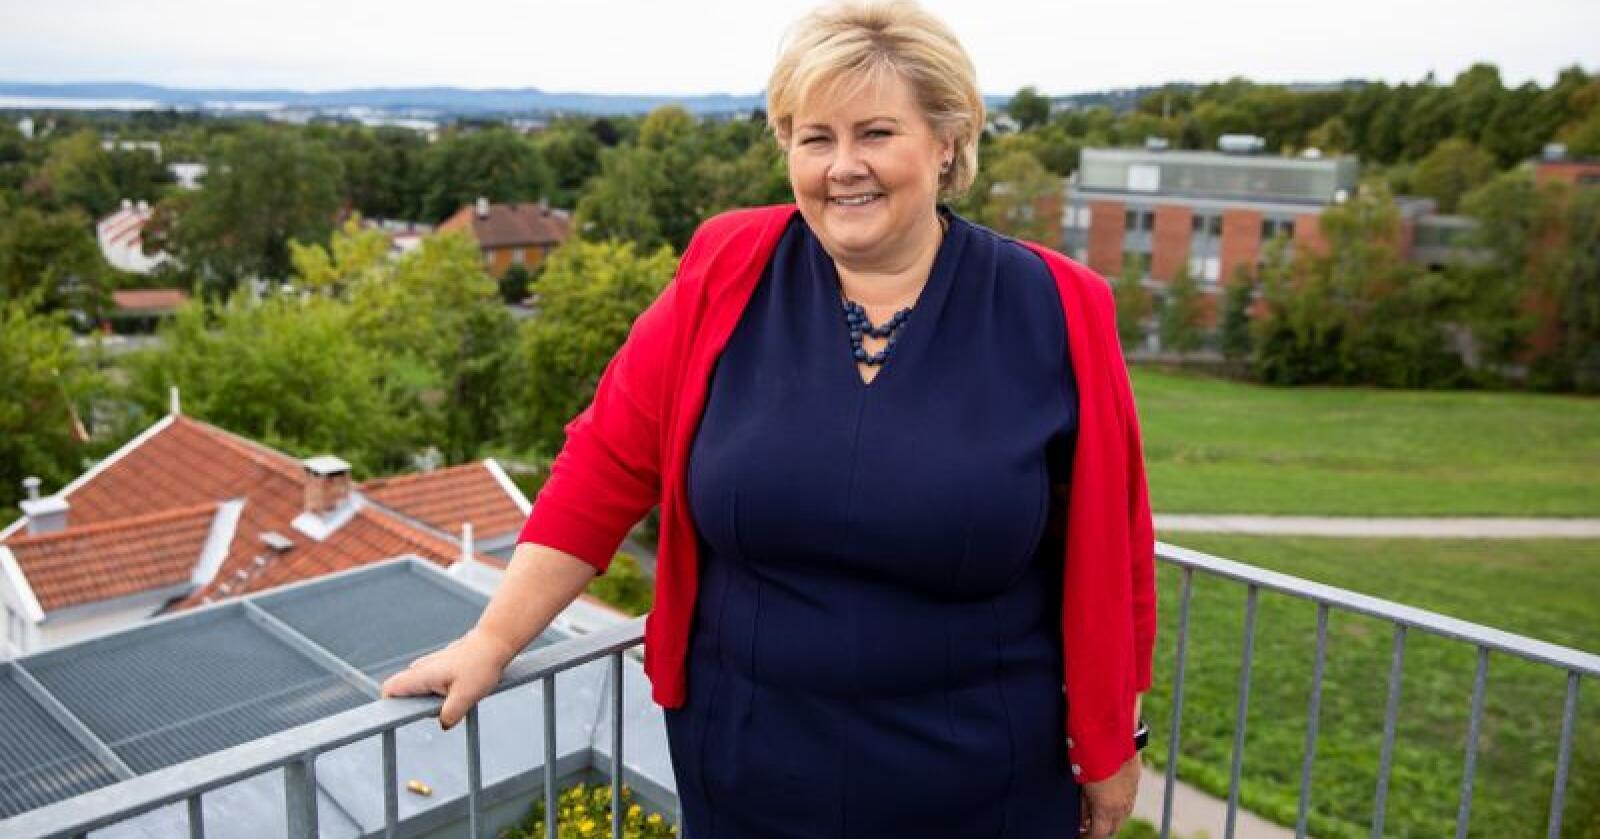 Høyre-leder og statsminister Erna Solberg startet den politiske høsten med å samle toppene i partiet i Forskningsparken i Oslo. Foto: Tore Meek / NTB scanpix